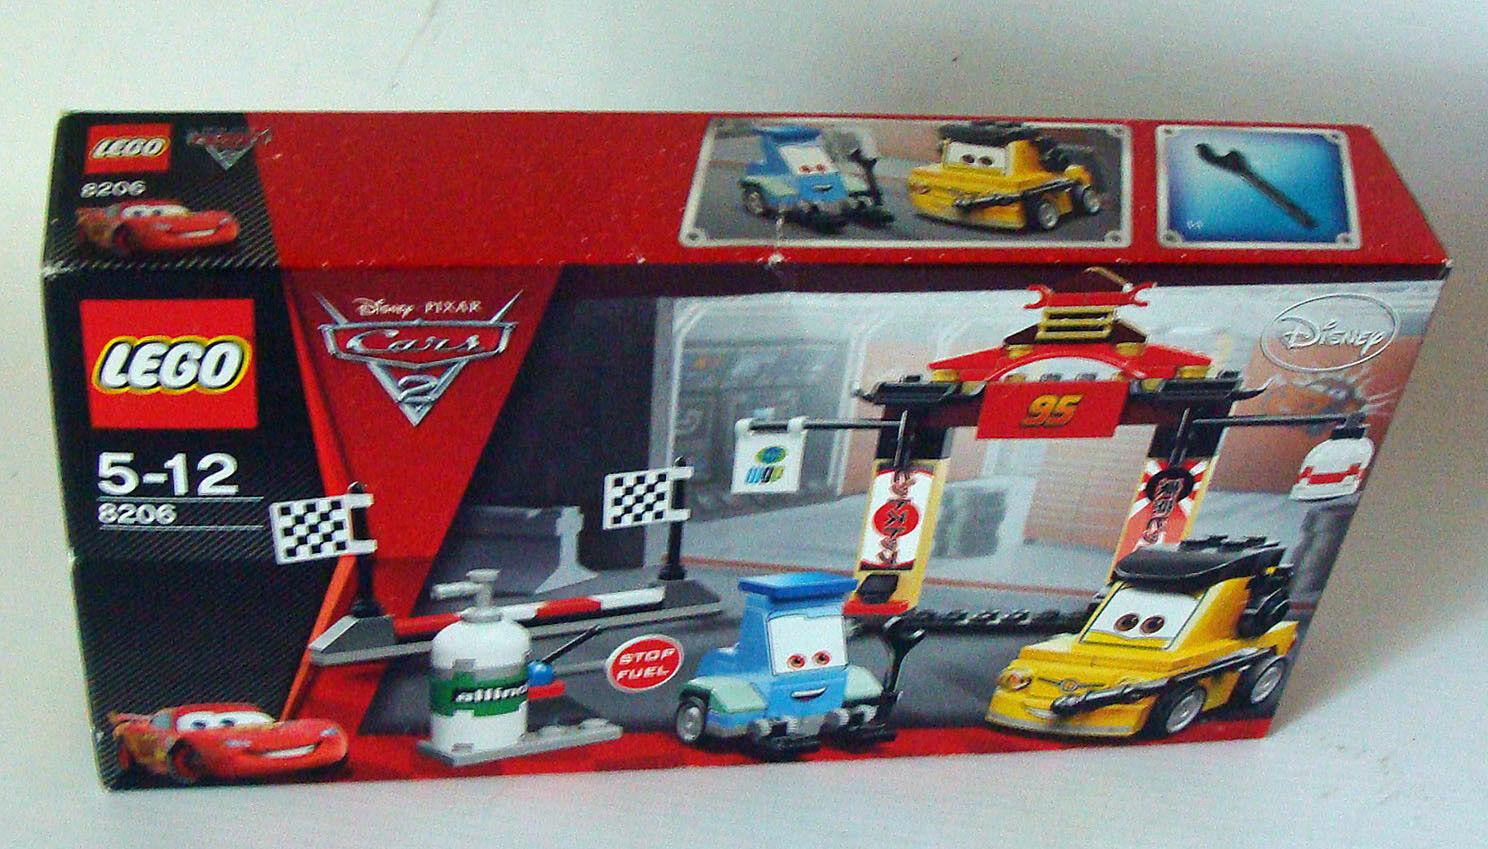 Lego® Cars 2 8206 - Boxenstopp in Tokio 147 Teile 5-12 Jahren - Neu